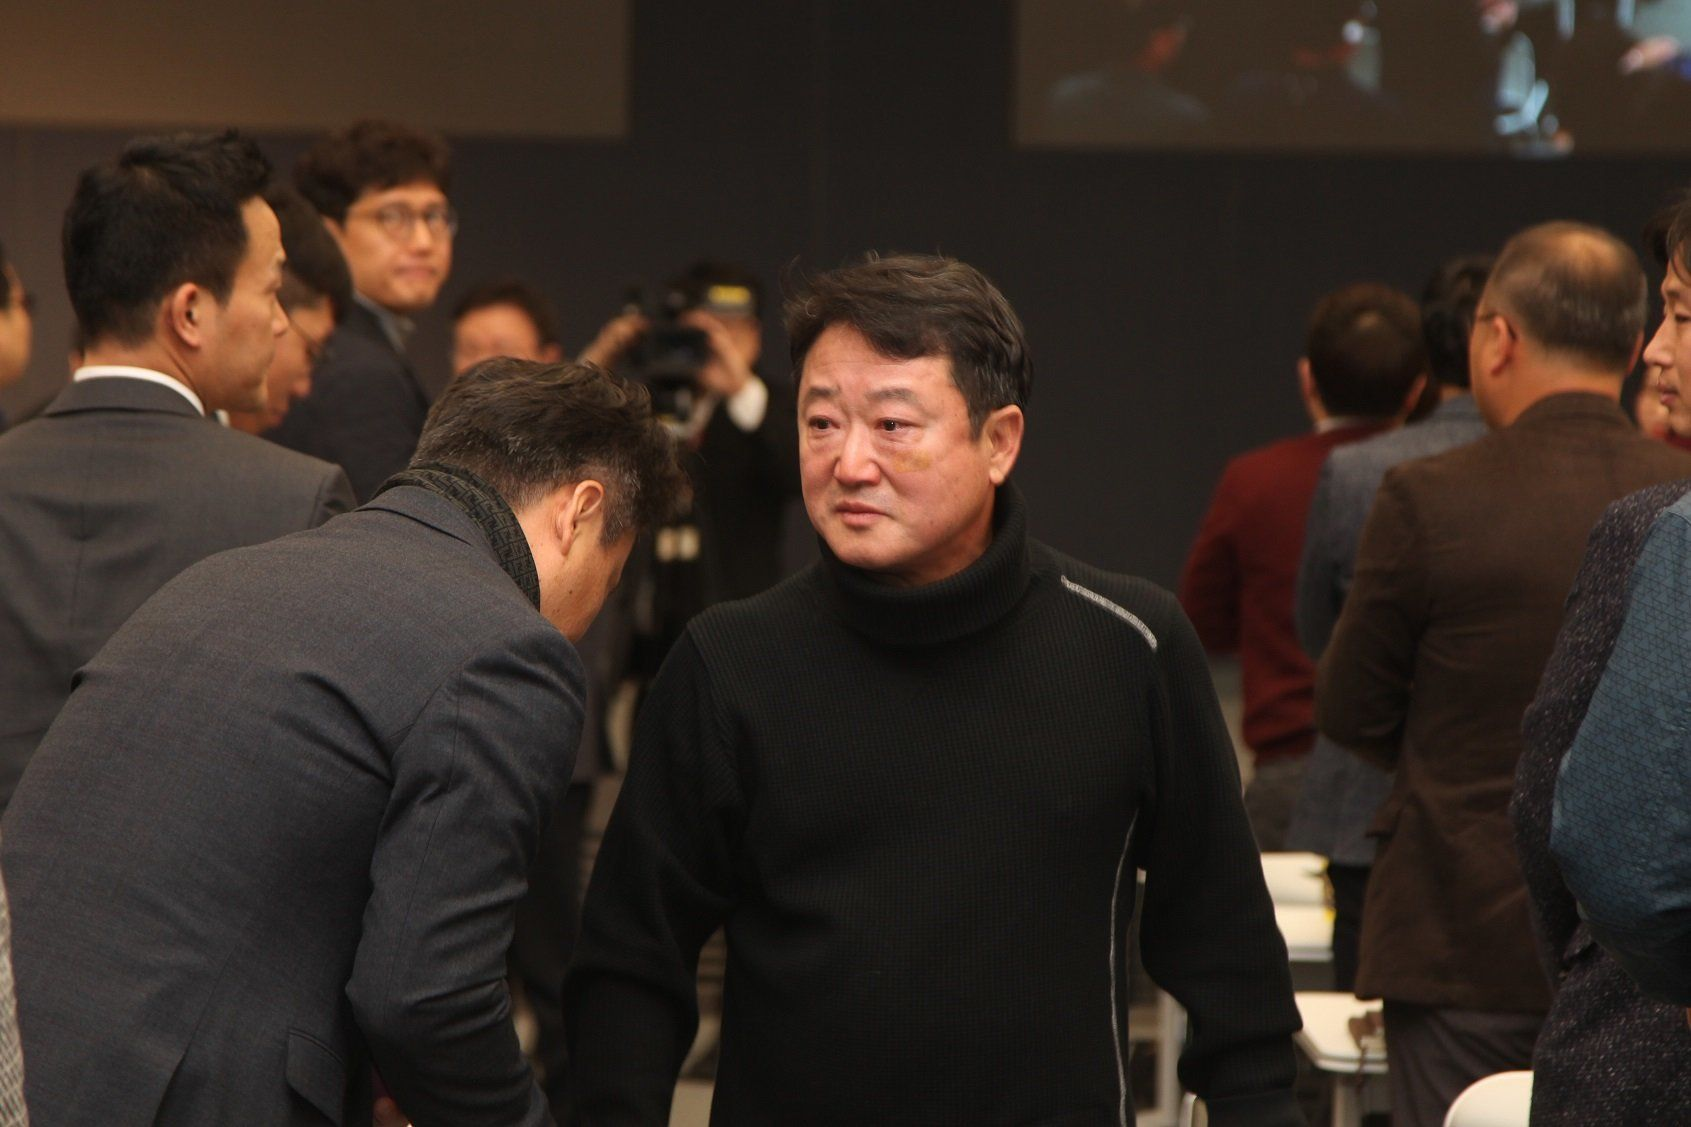 코오롱 회장이 전격 은퇴를 선언하며 털어놓은